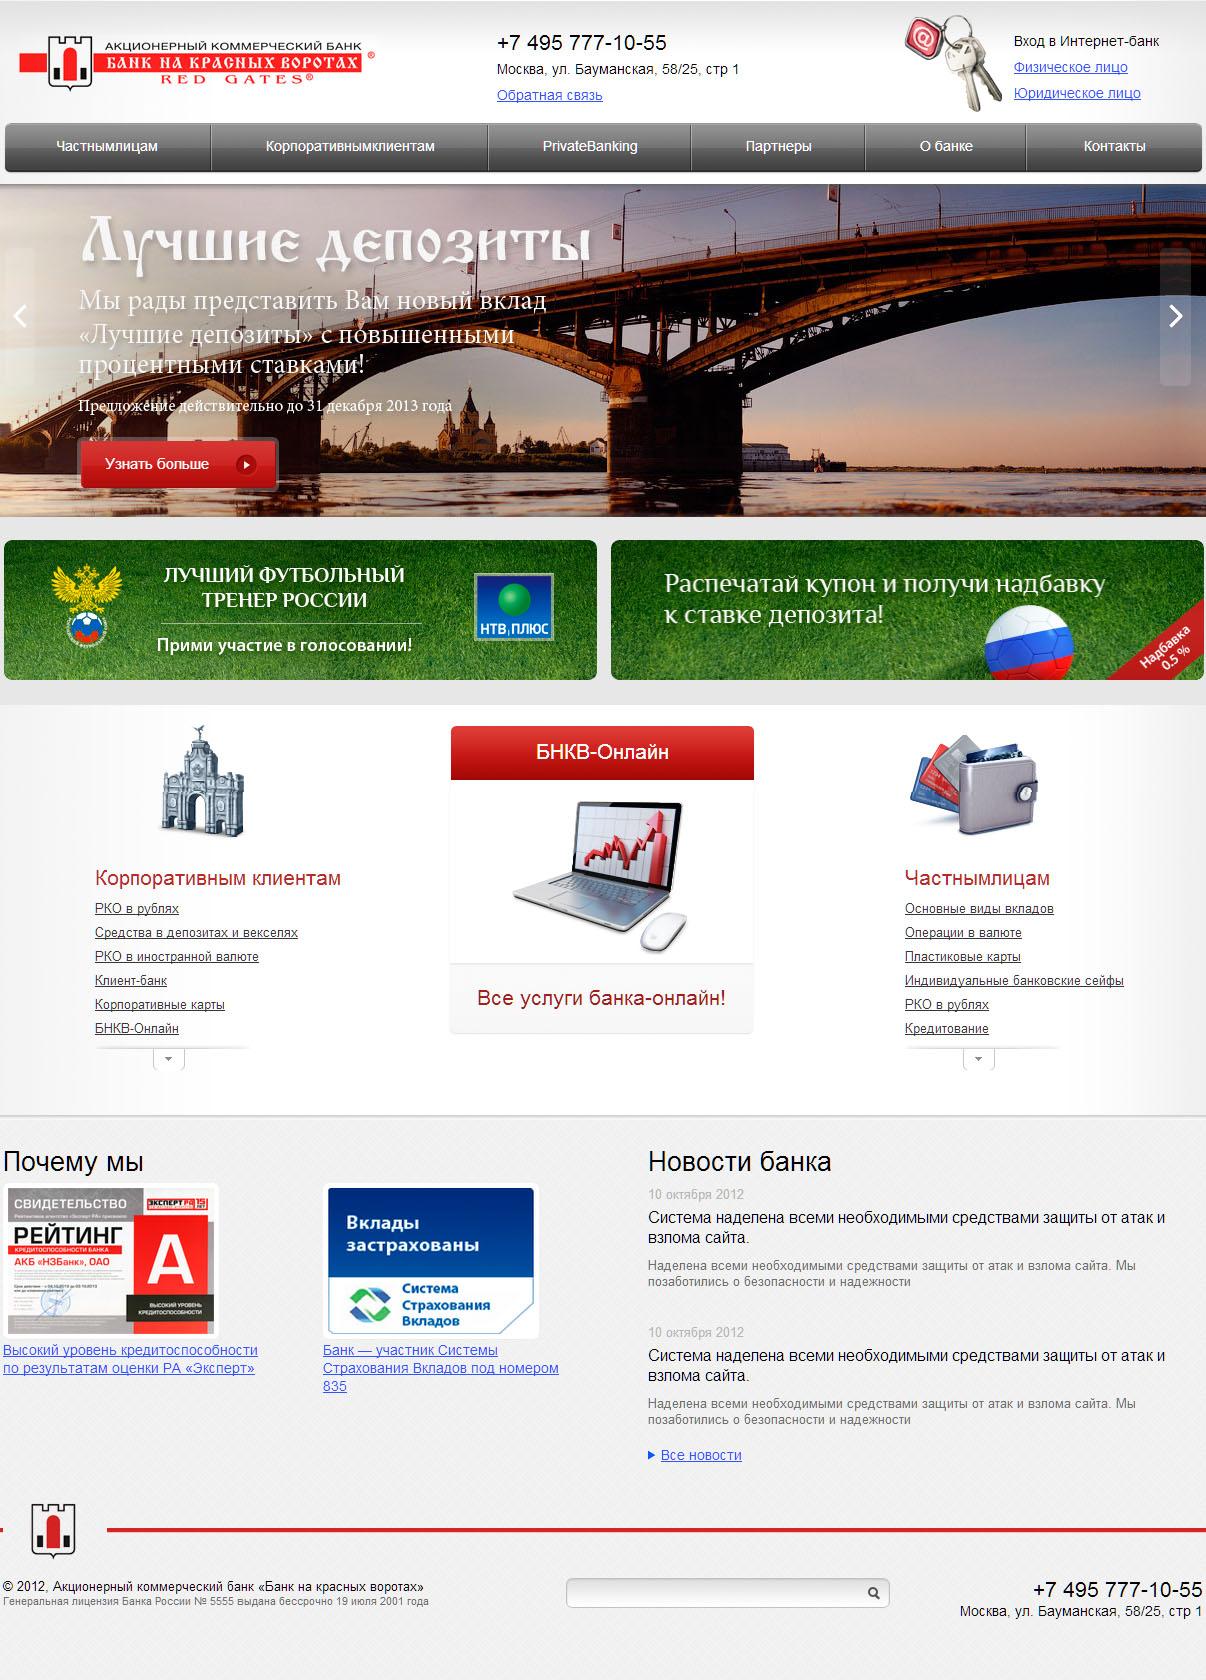 Сайт для Банка